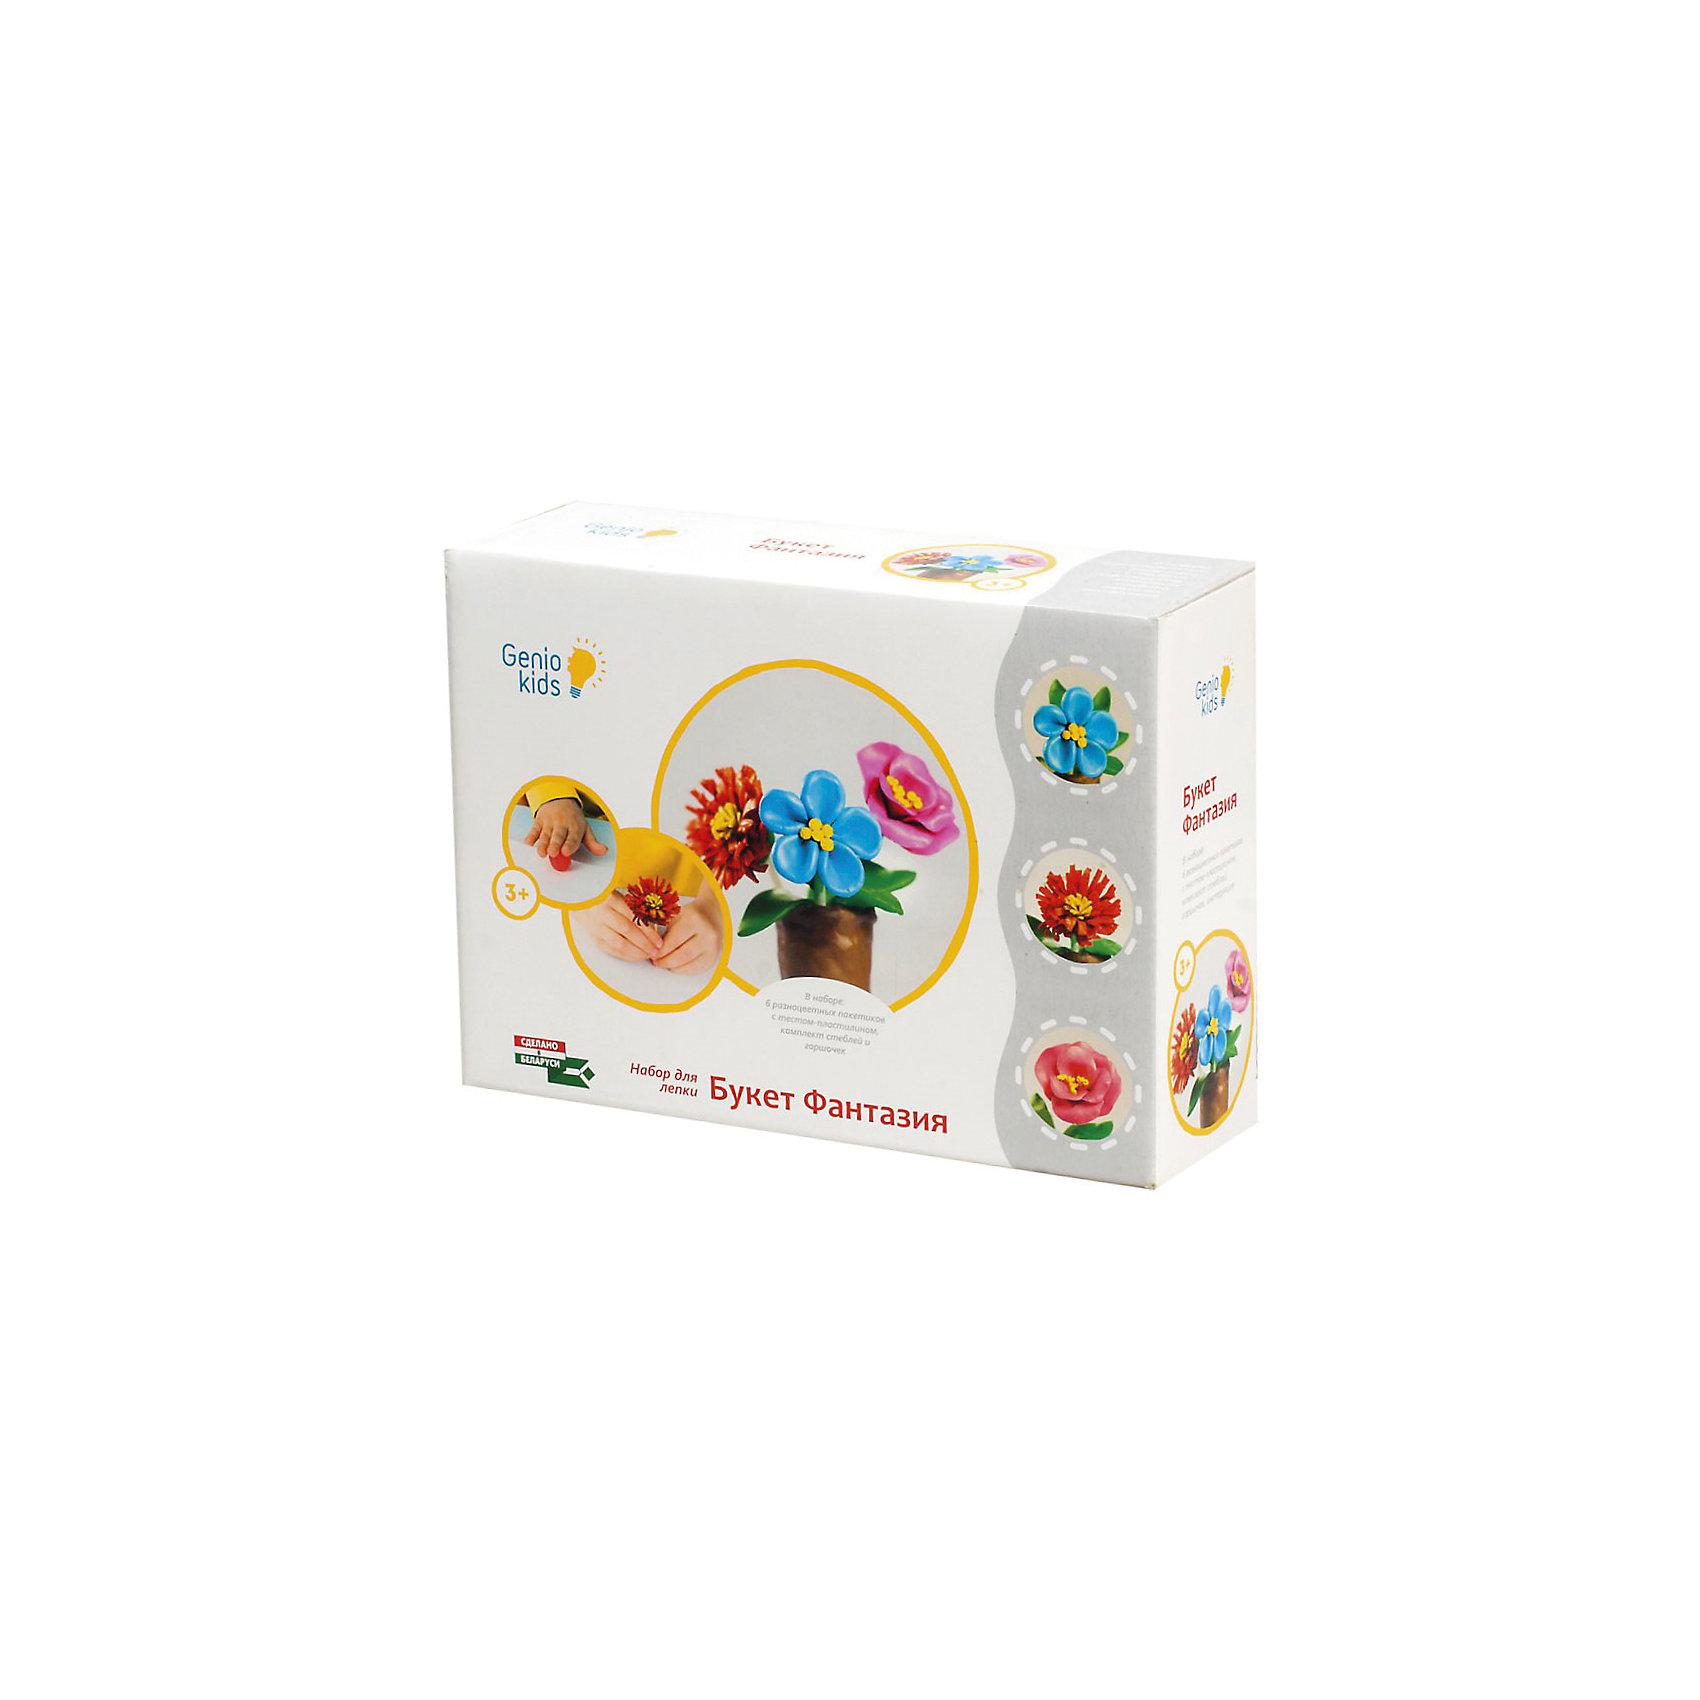 Genio Kids Набор для детского творчества Букет фантазия набор для детского творчества набор веселая кондитерская 1 кг